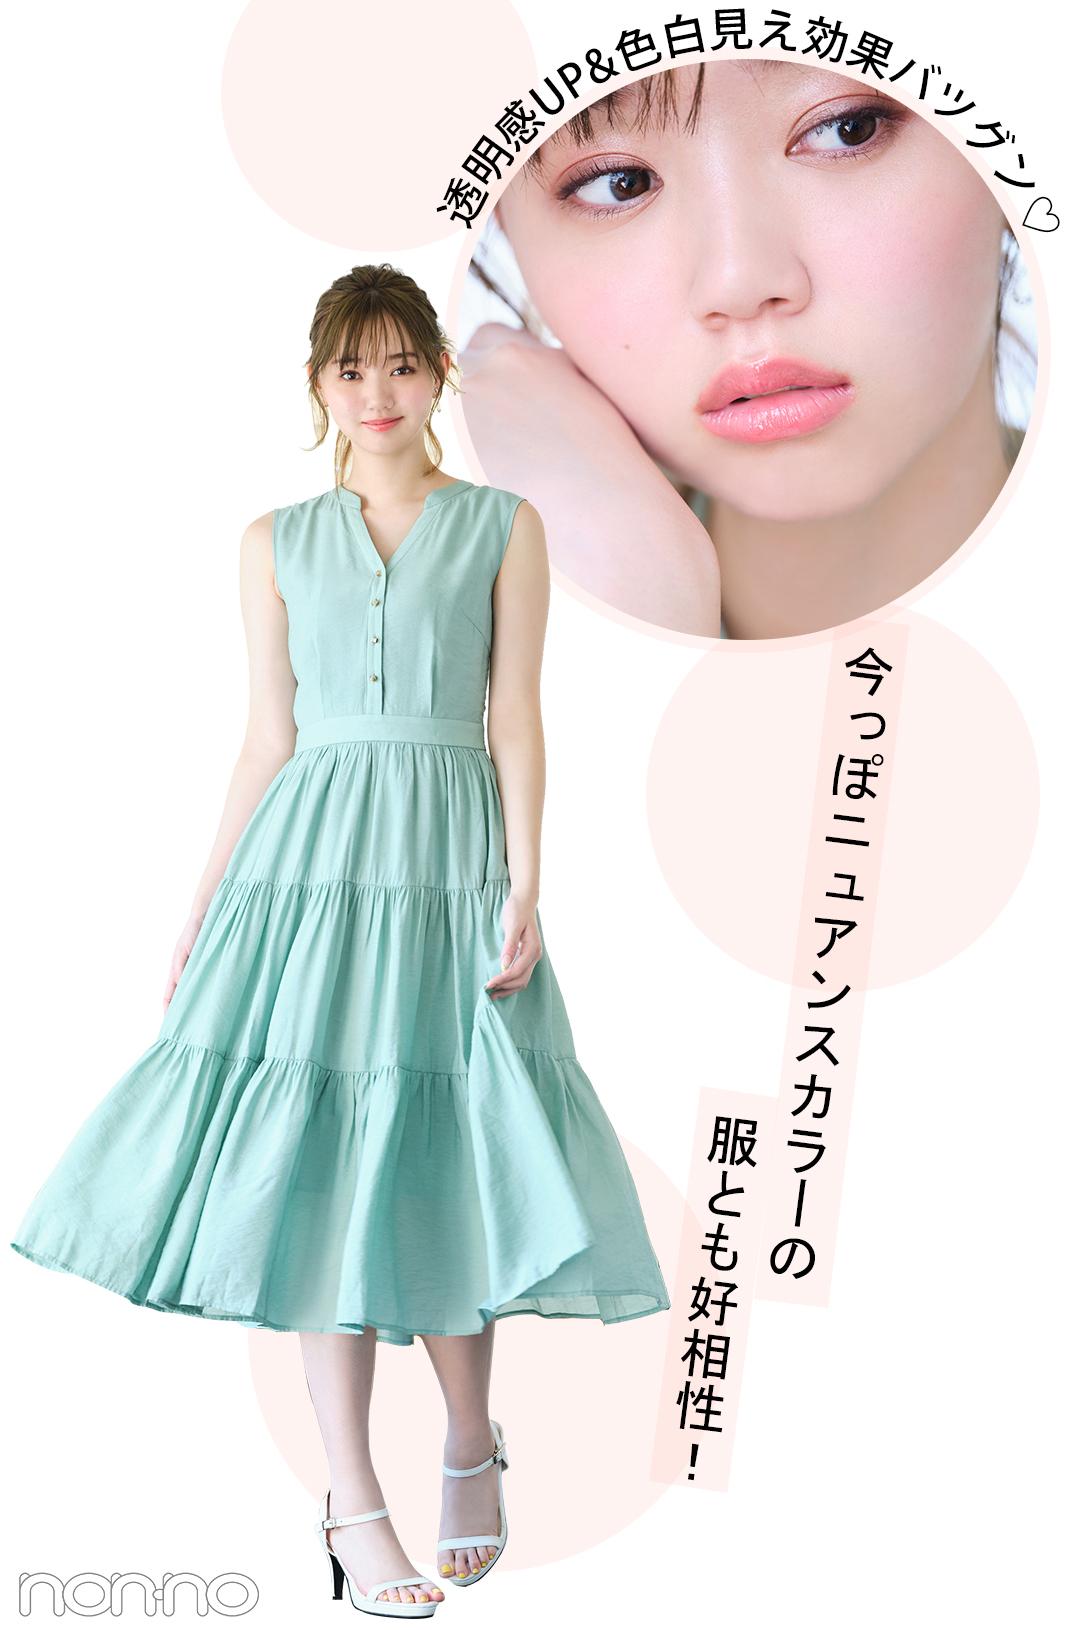 透明感UP&色白見え効果バツグン♡今っぽニュアンスカラーの服とも好相性!